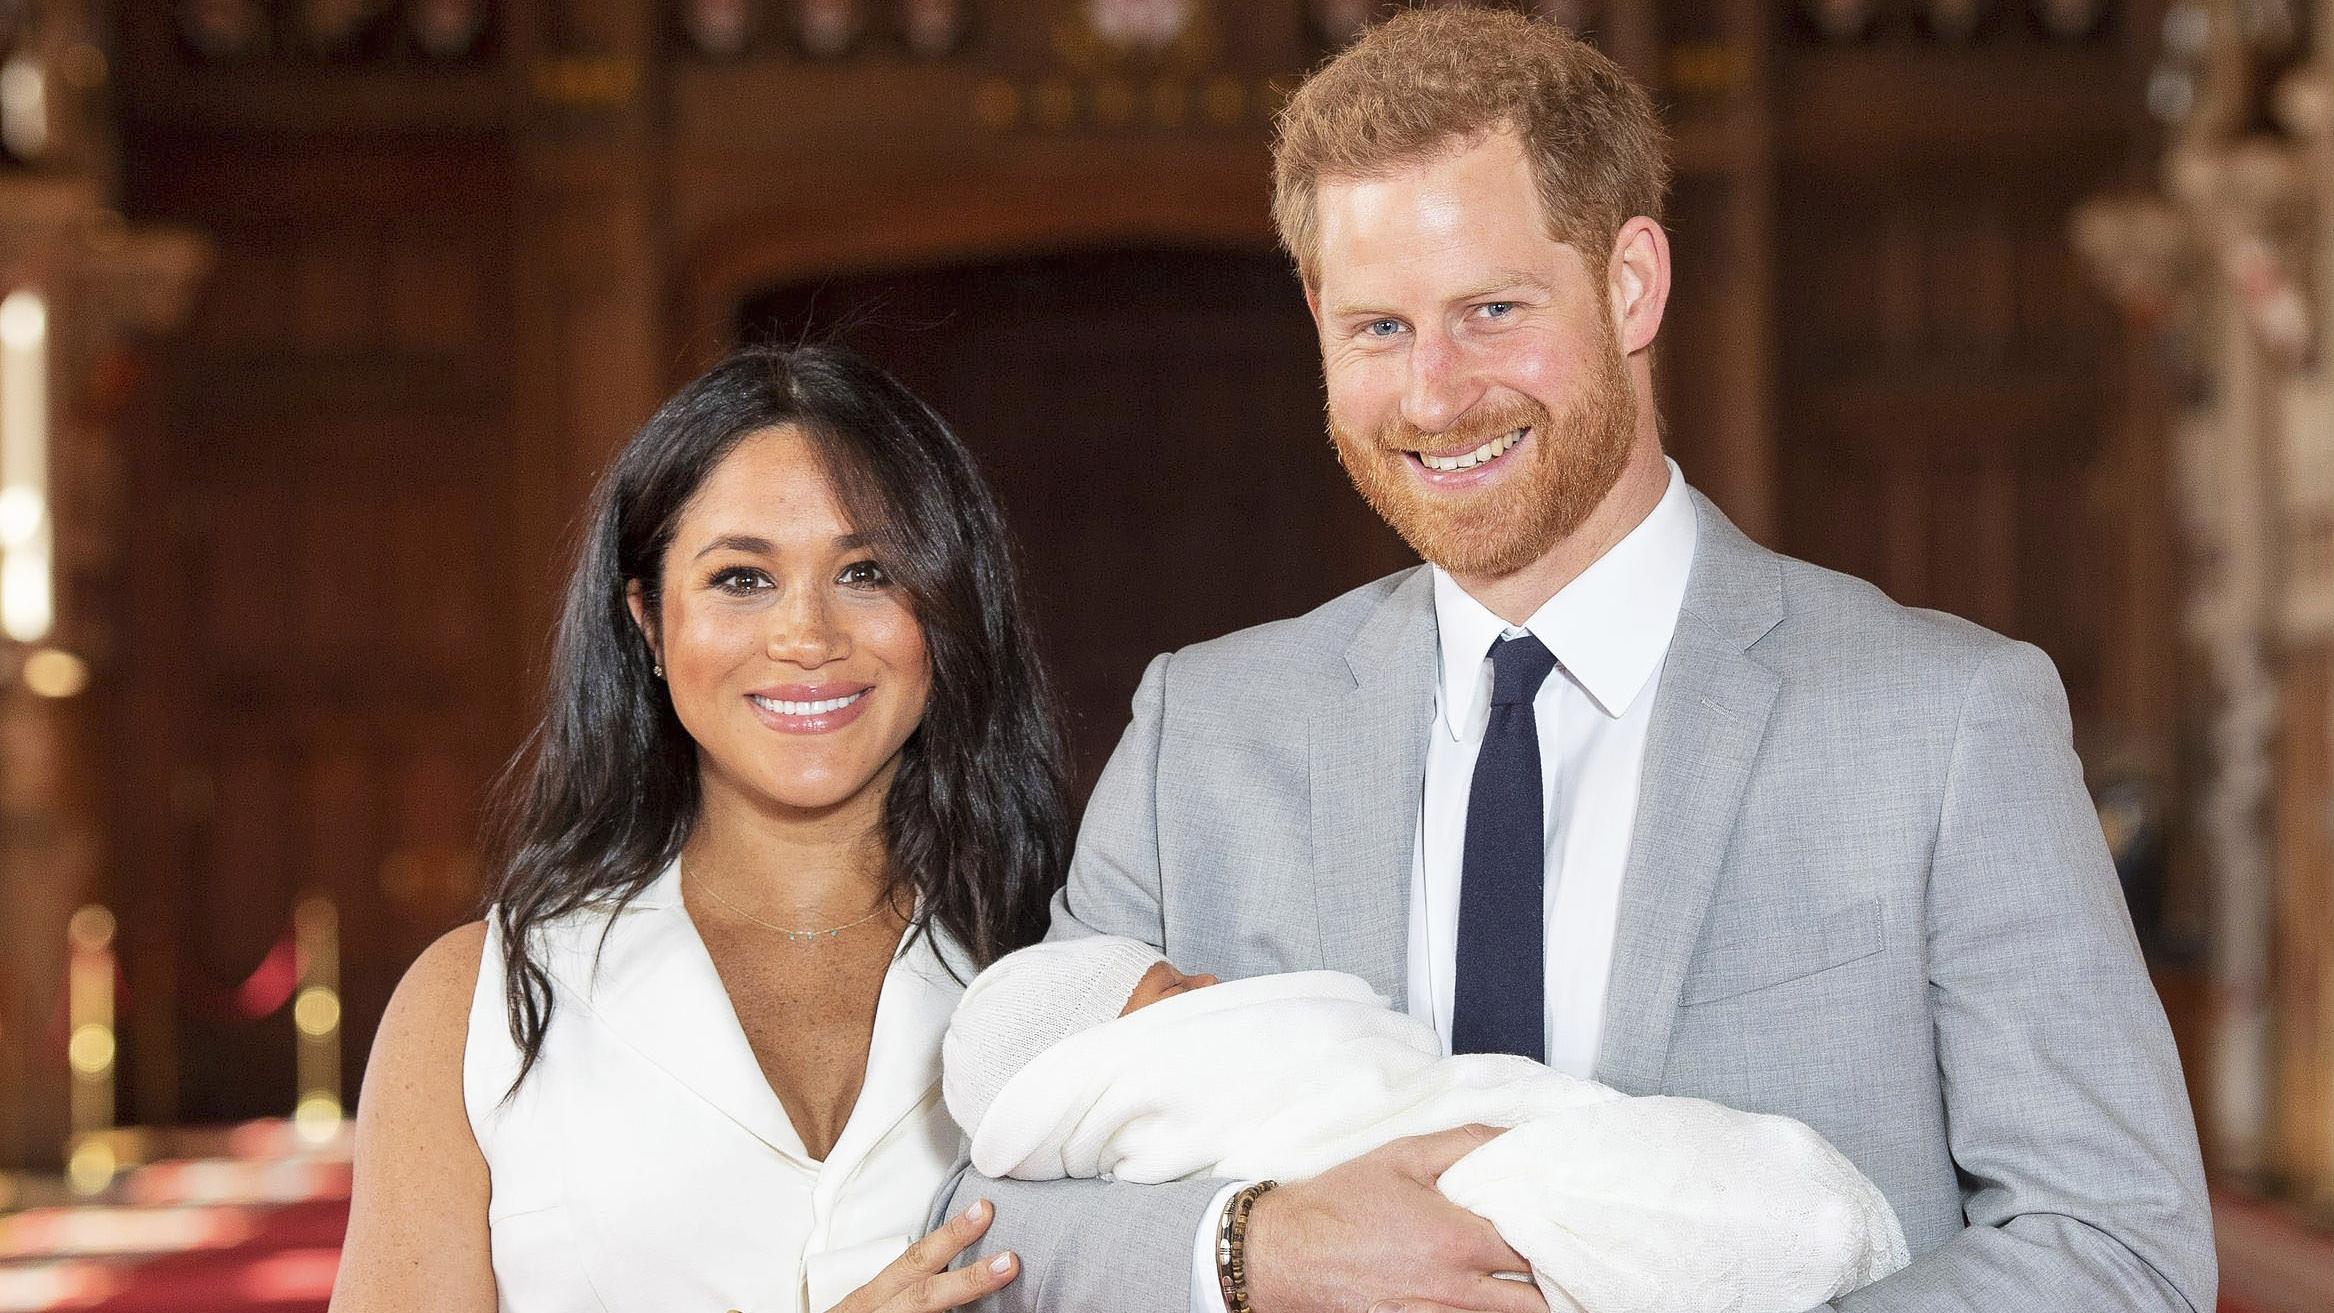 Jatkossa Sussexin herttuapari aikoo asua myös Pohjois-Amerikassa. LEHTIKUVA